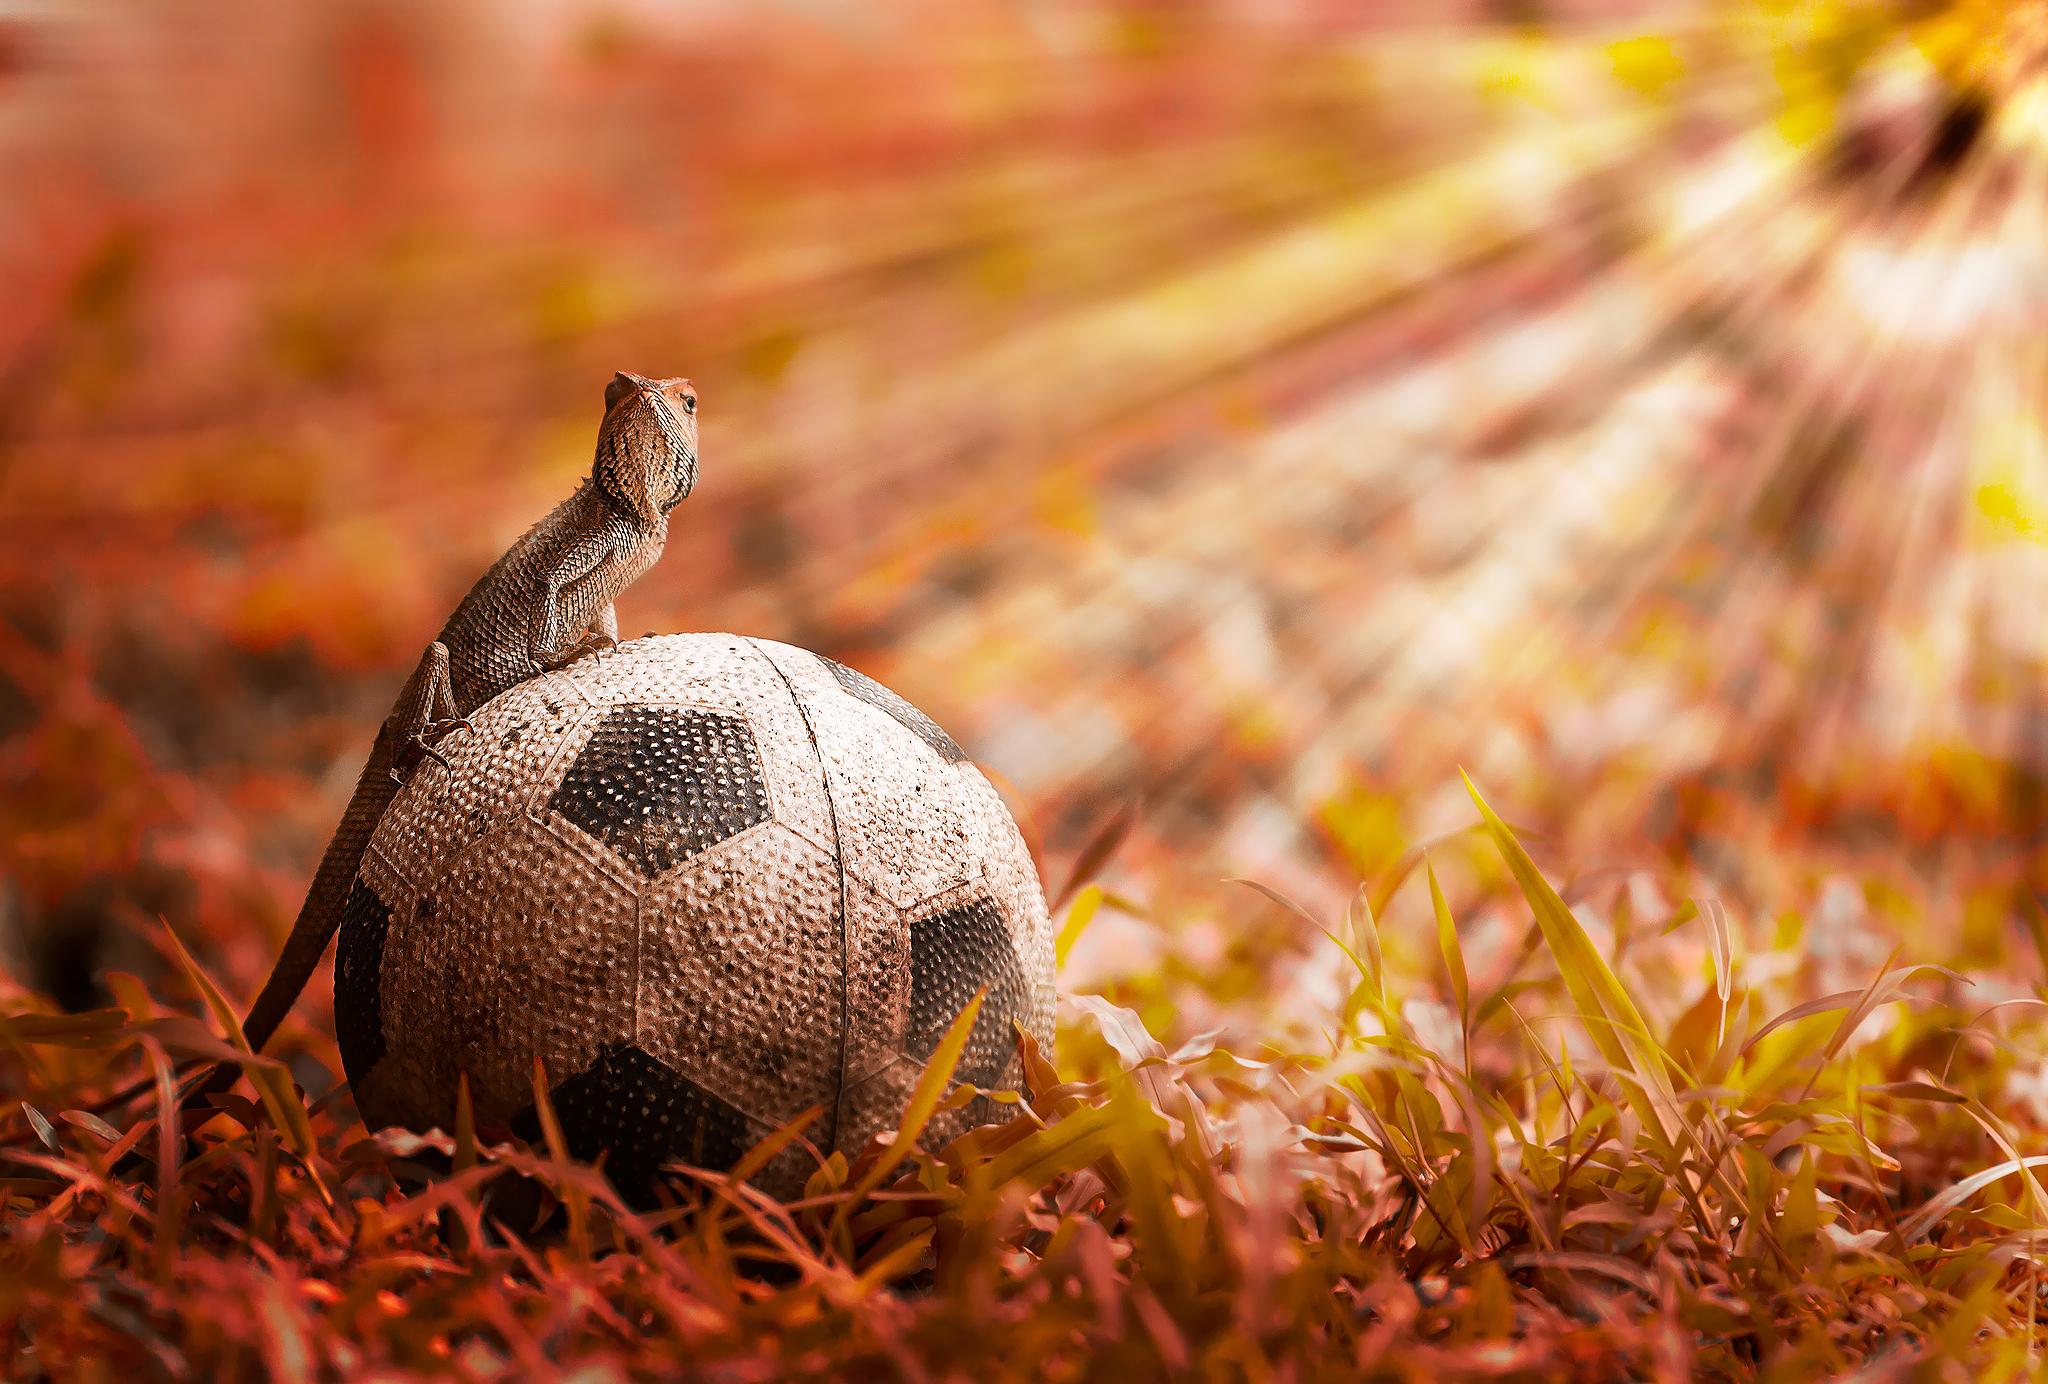 Звериный футбол  № 3148767 без смс